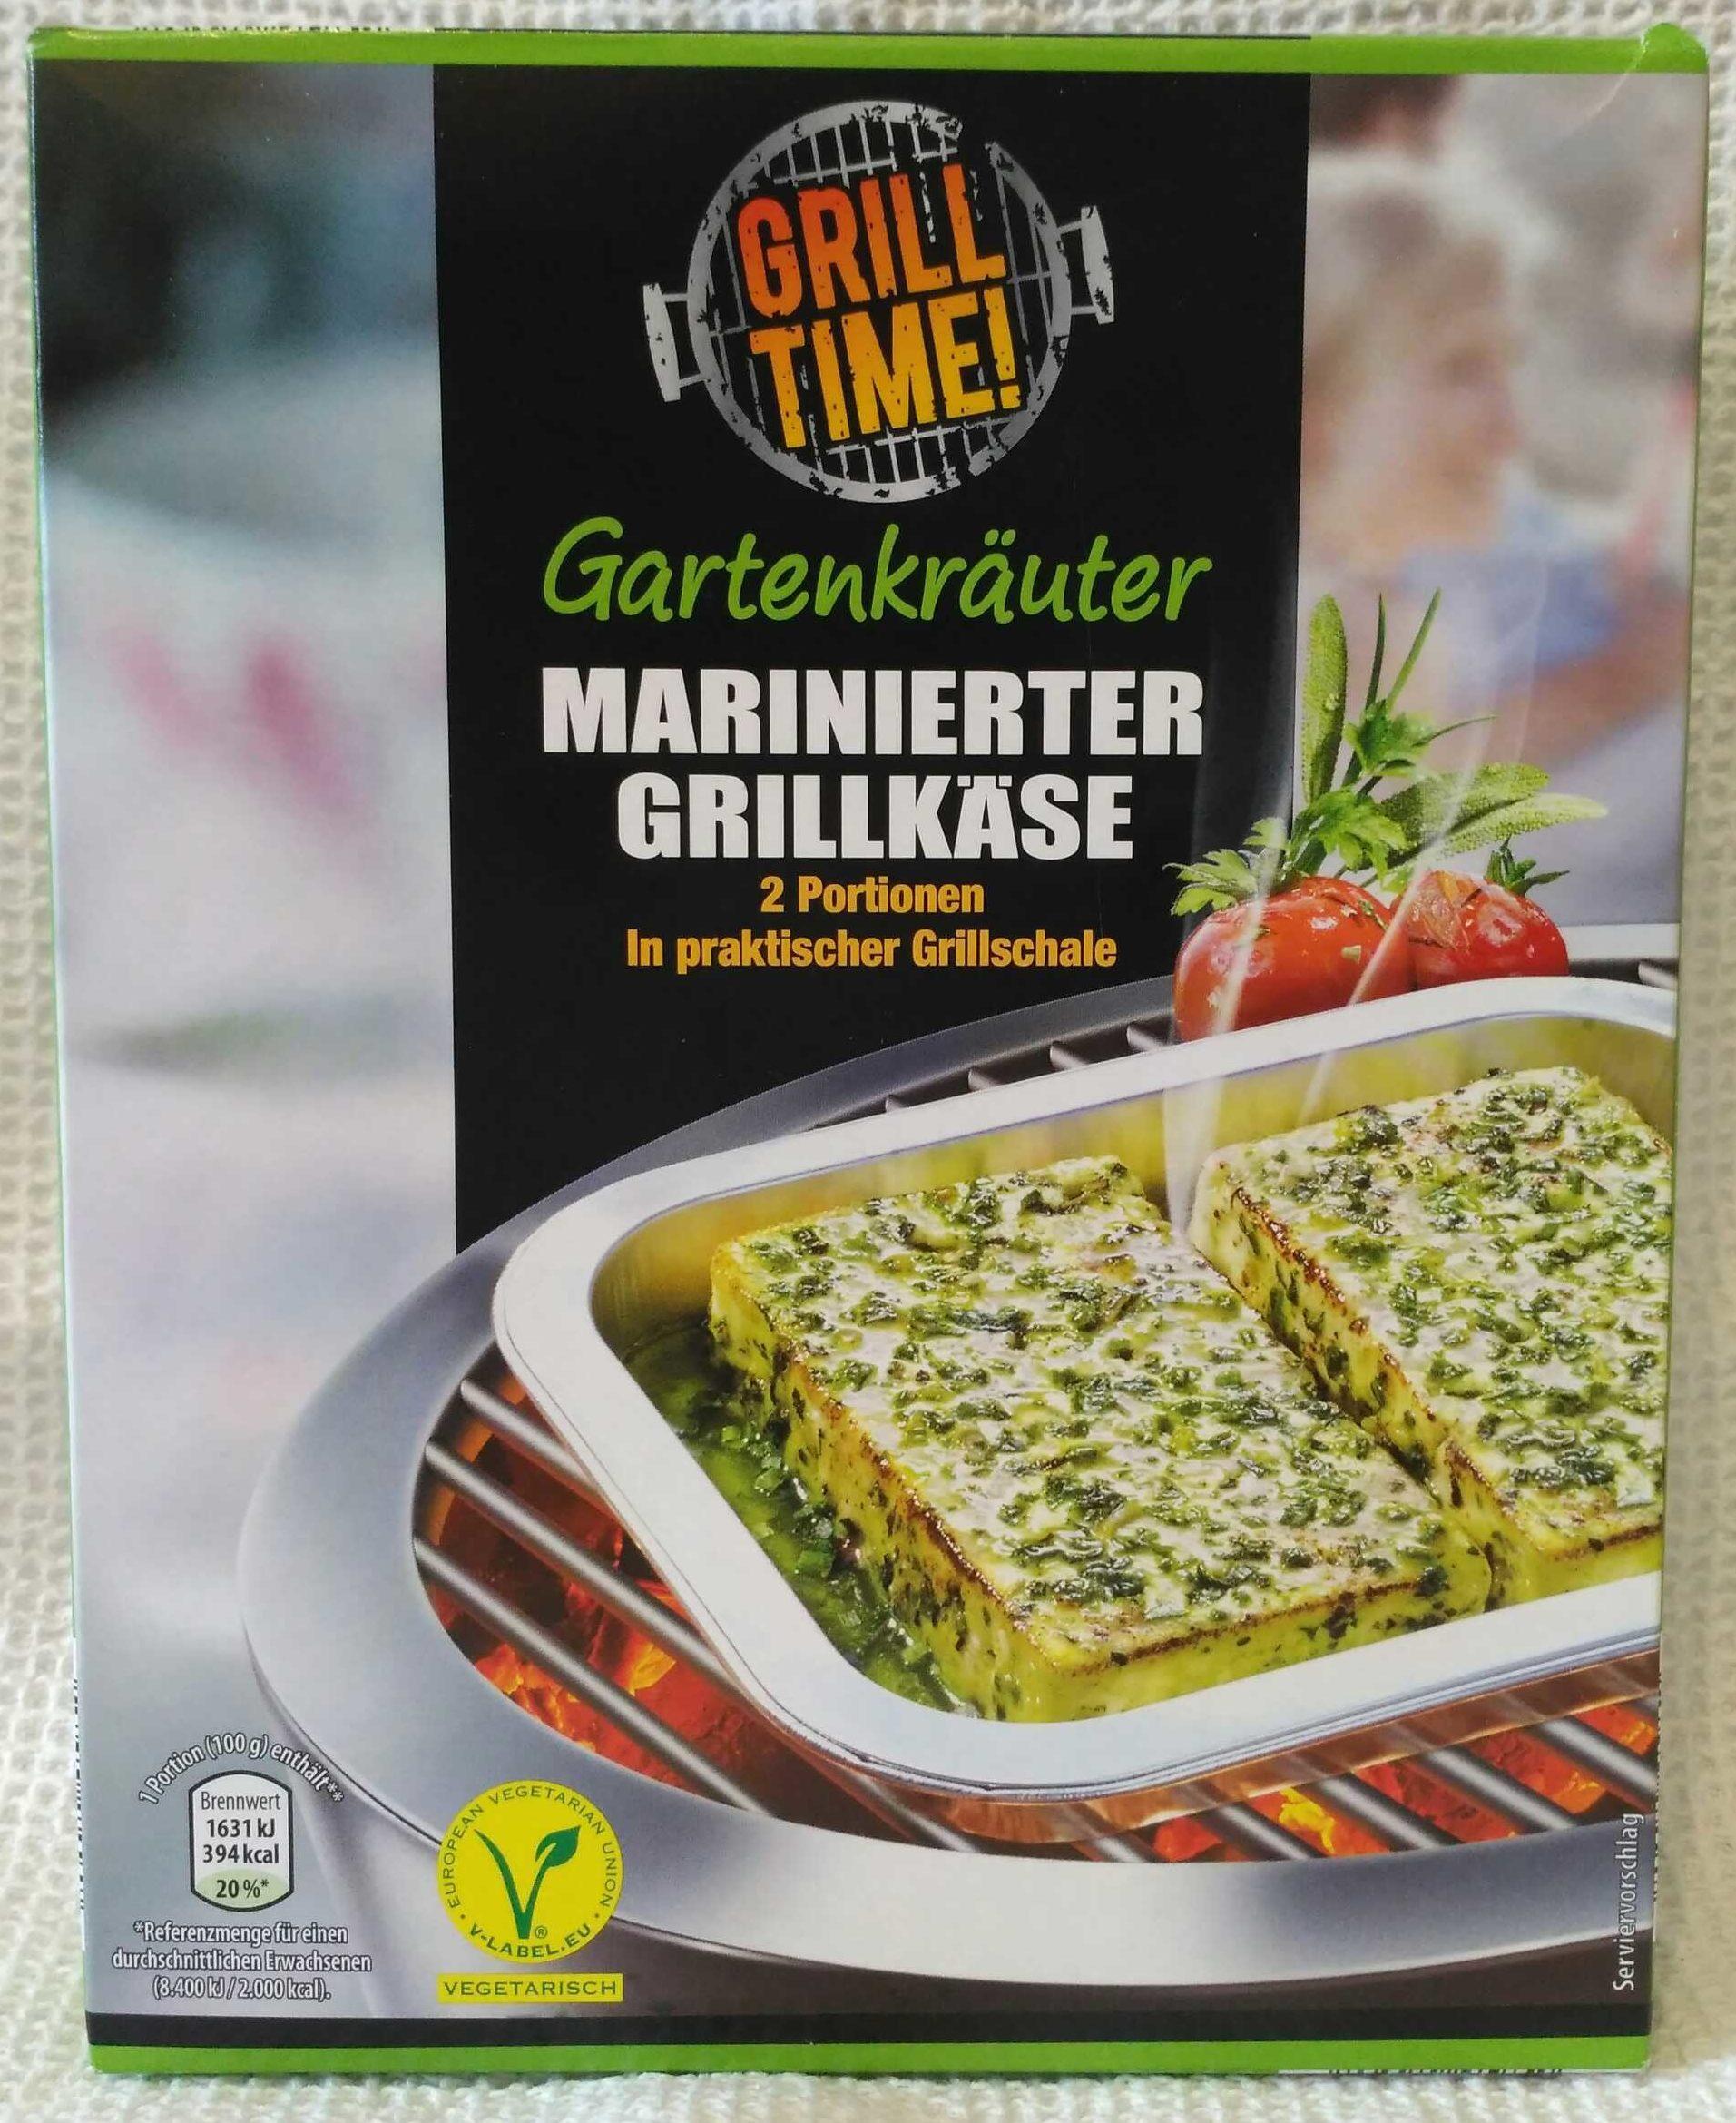 Gartenkräuter marinierter Grillkäse - Product